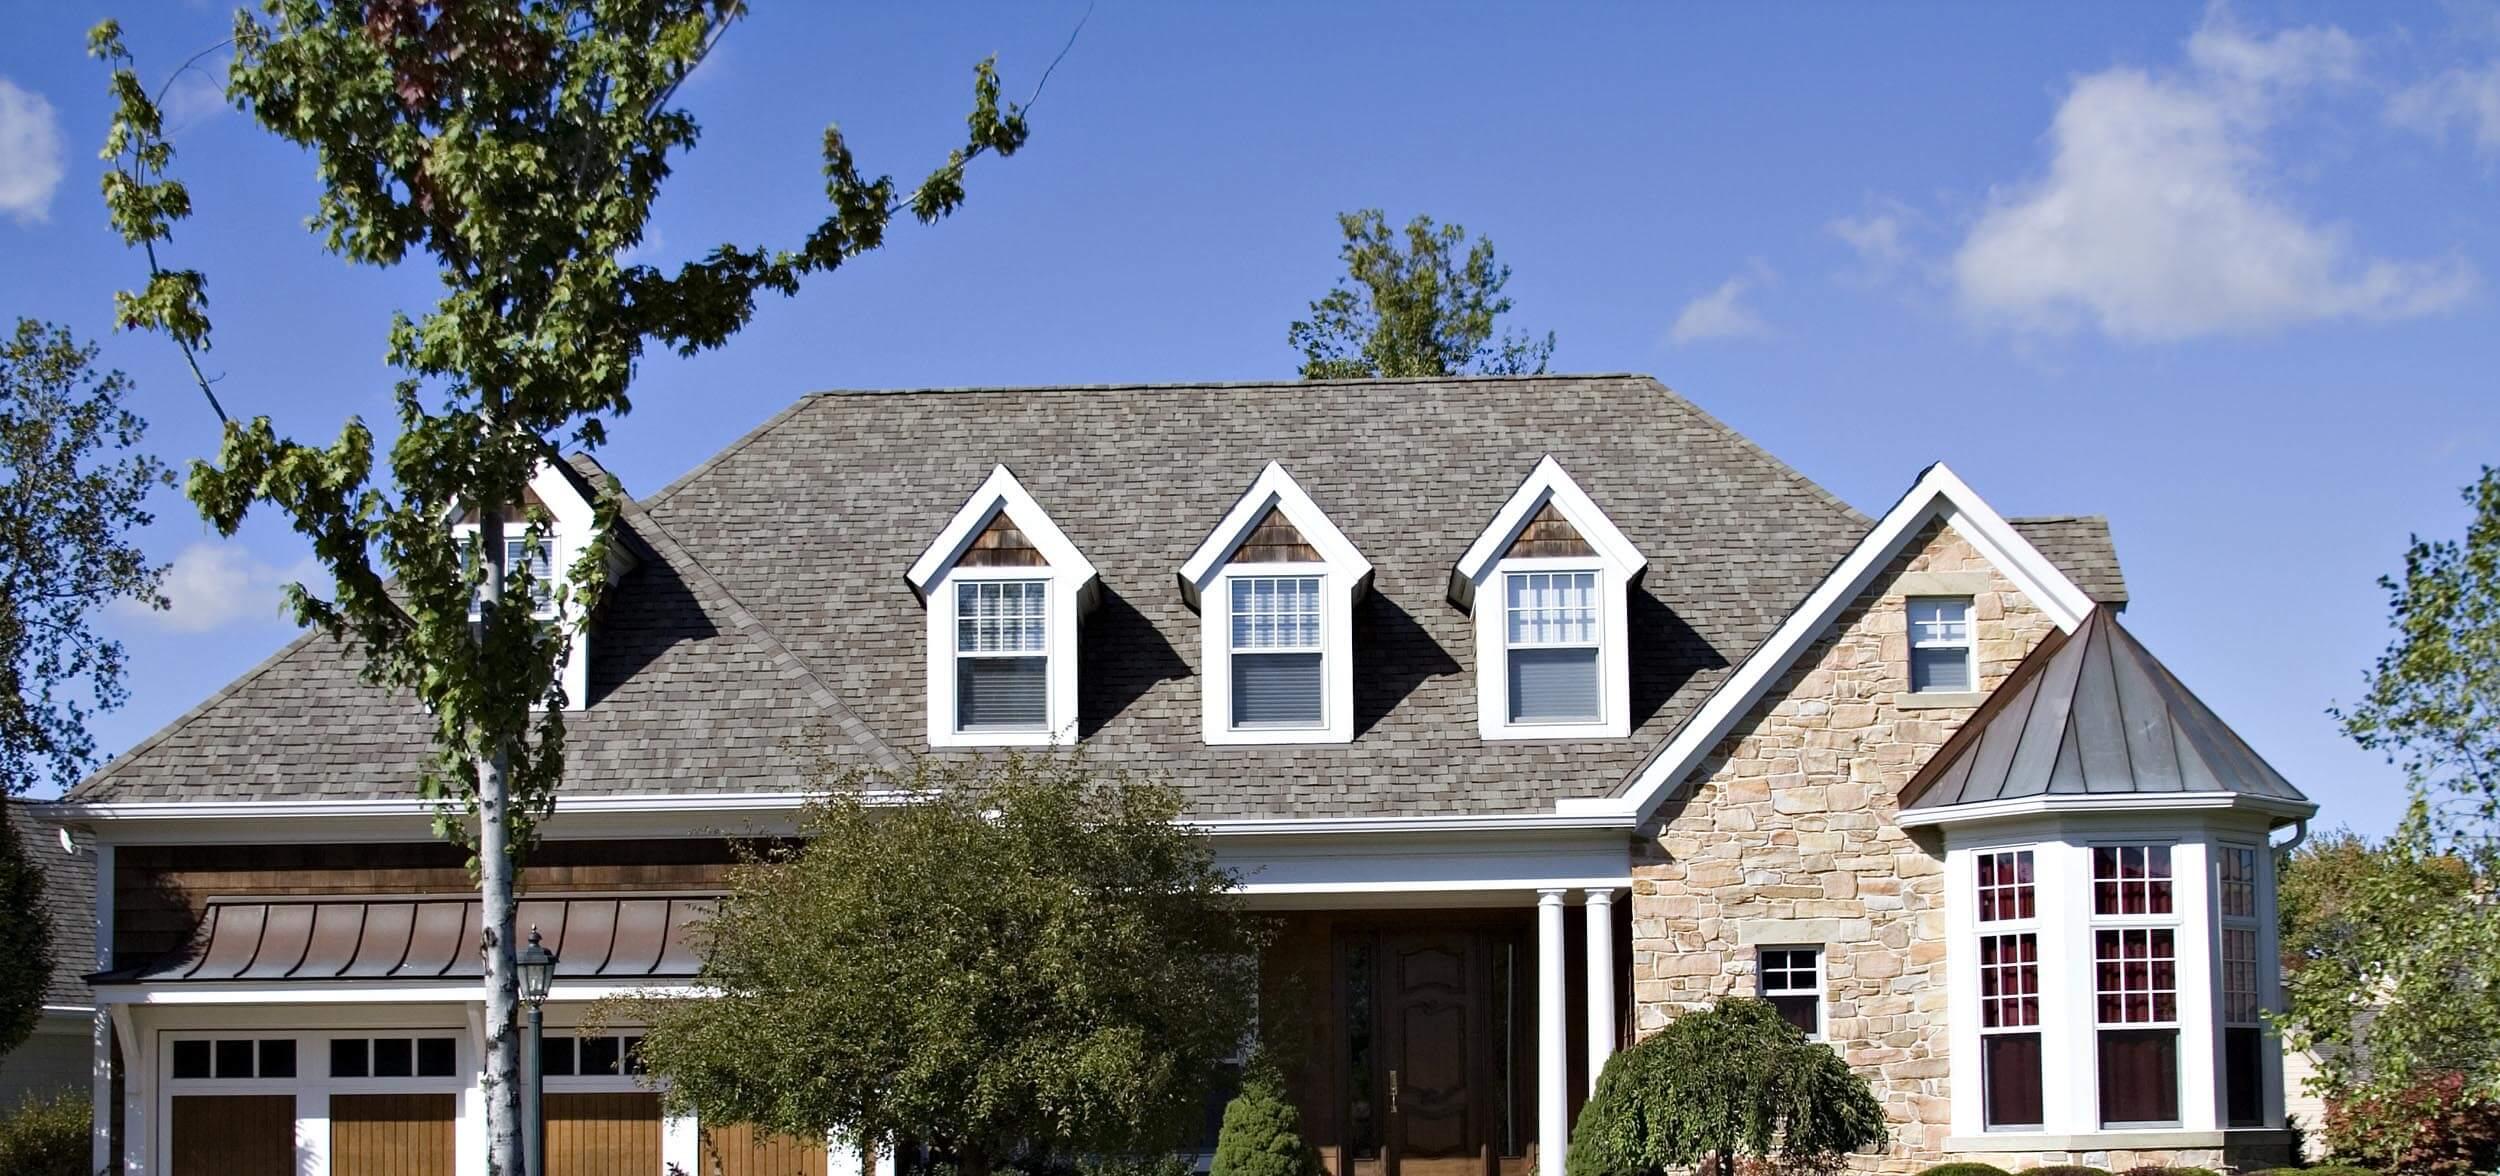 homer glen roof inspection